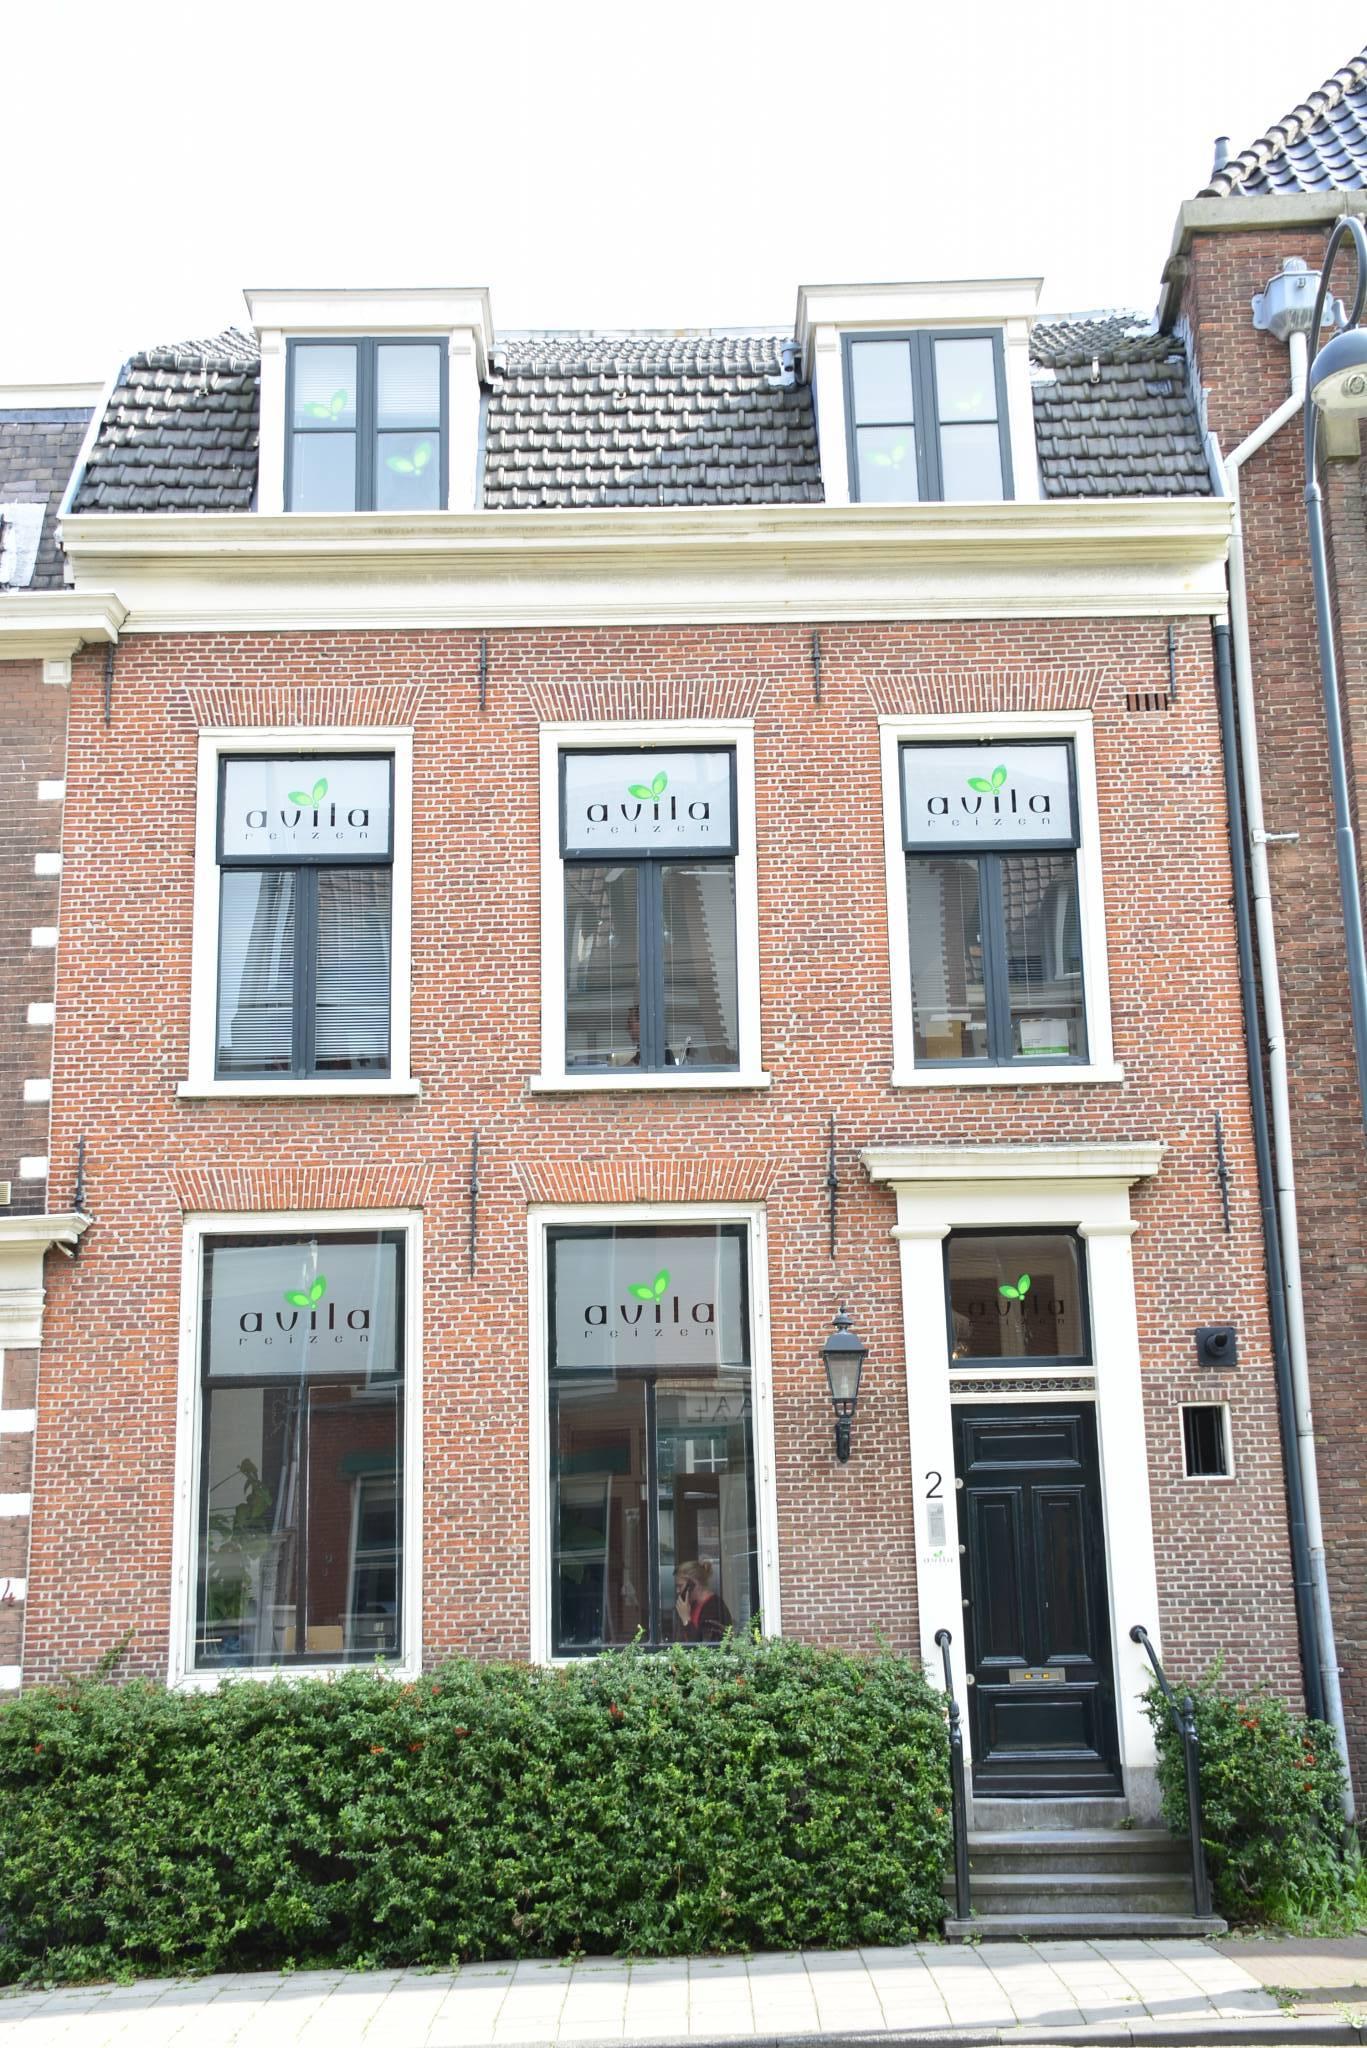 Kantoor Avila Reizen in Haarlem